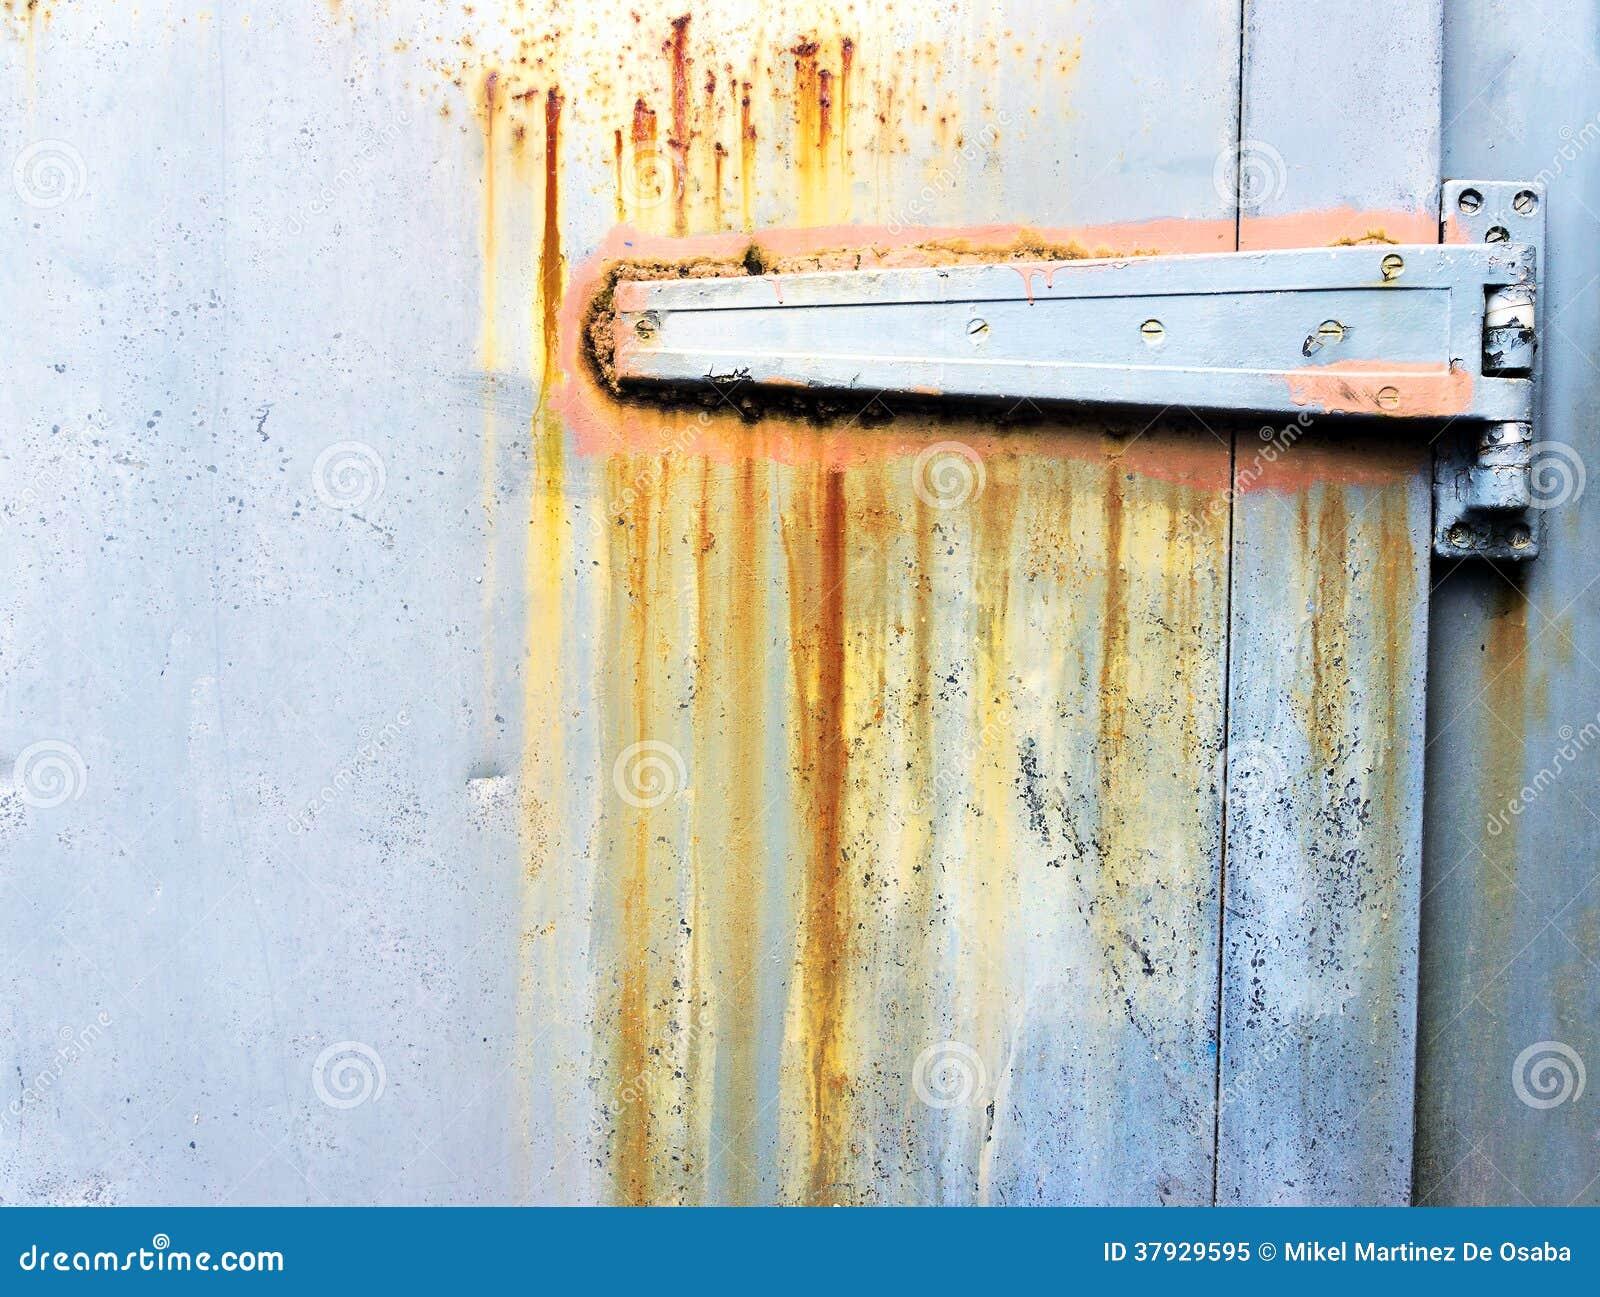 Ржавый металлический шарнир на двери